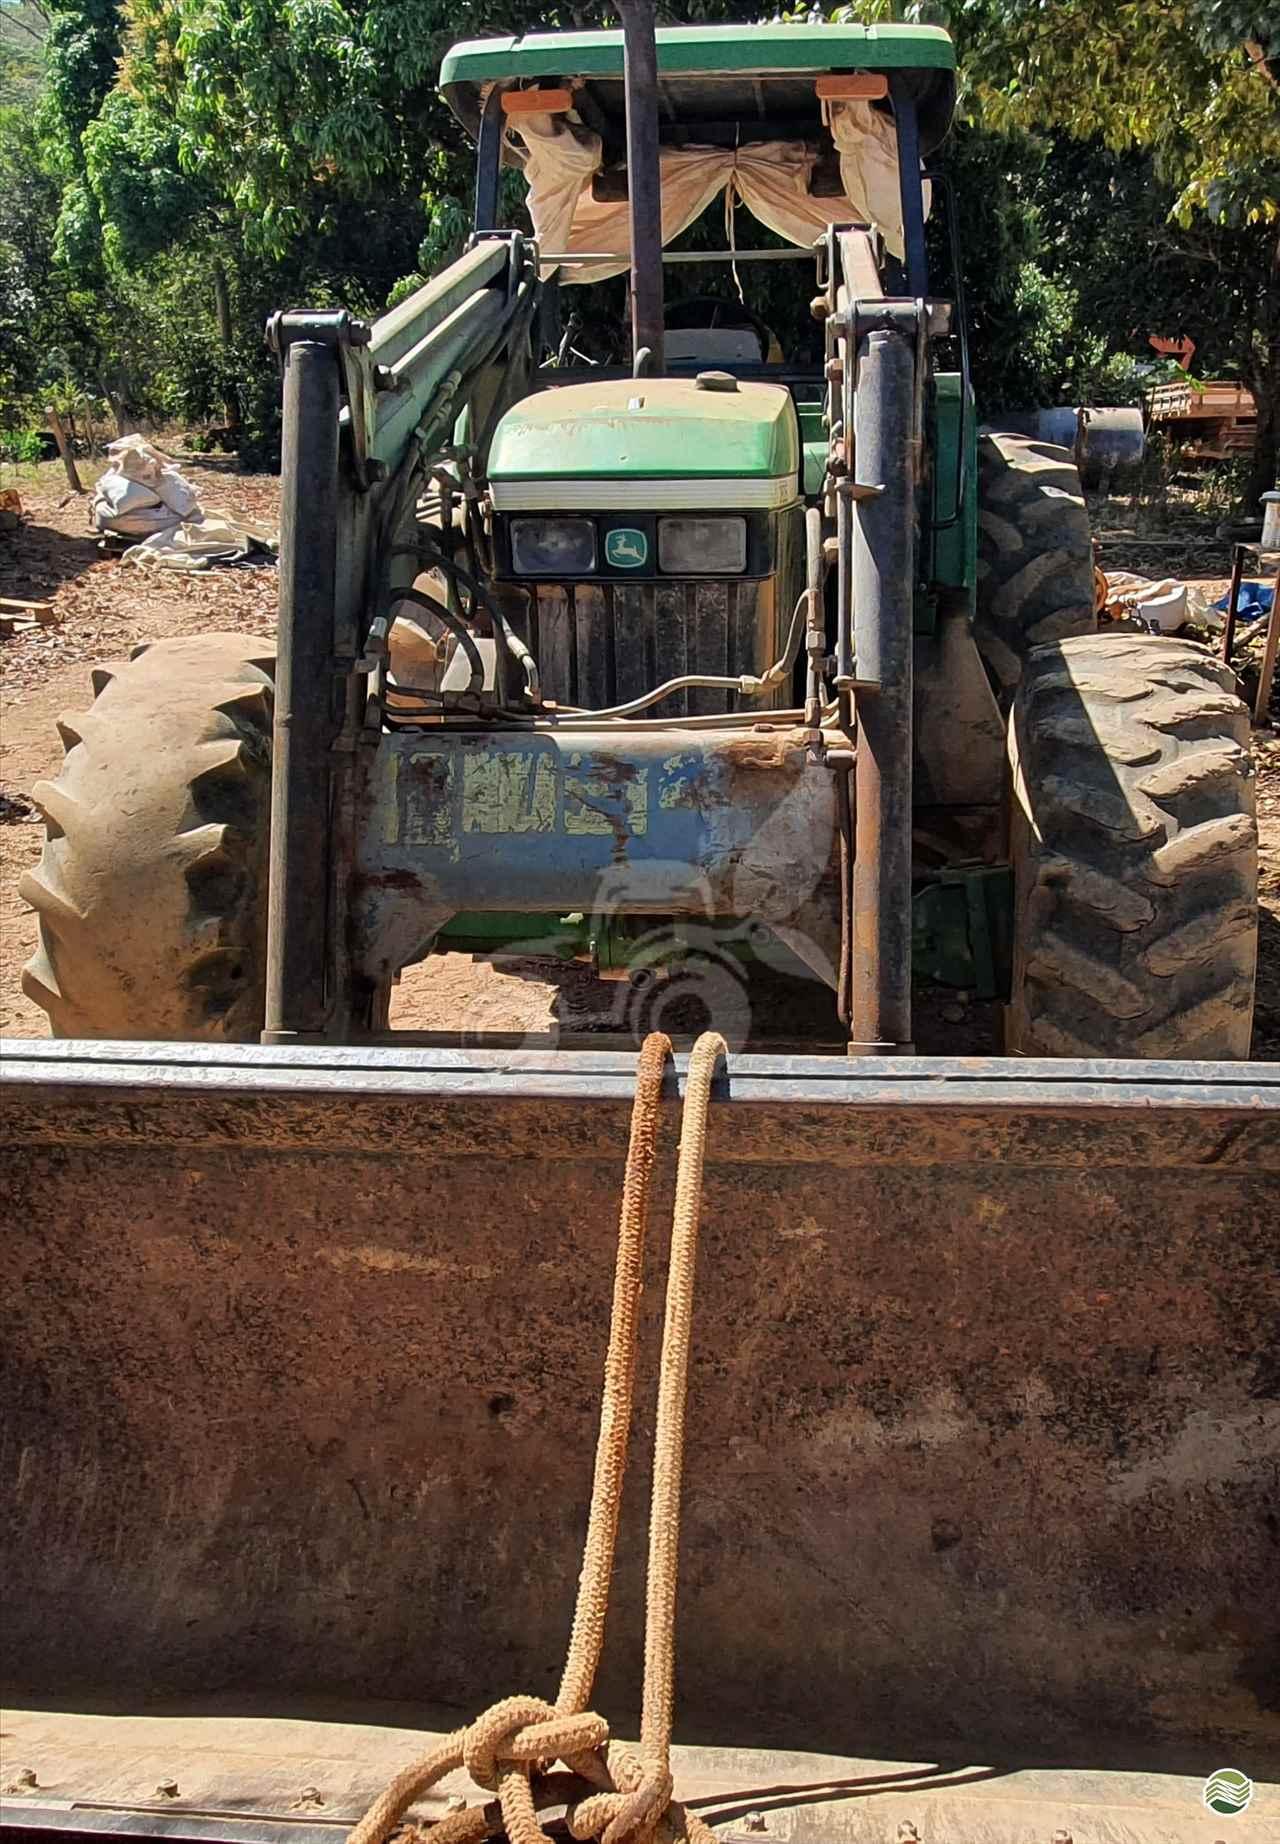 TRATOR JOHN DEERE JOHN DEERE 7505 Tração 4x4 EP Máquinas e Implementos Agrícolas CRISTALINA GOIAS GO